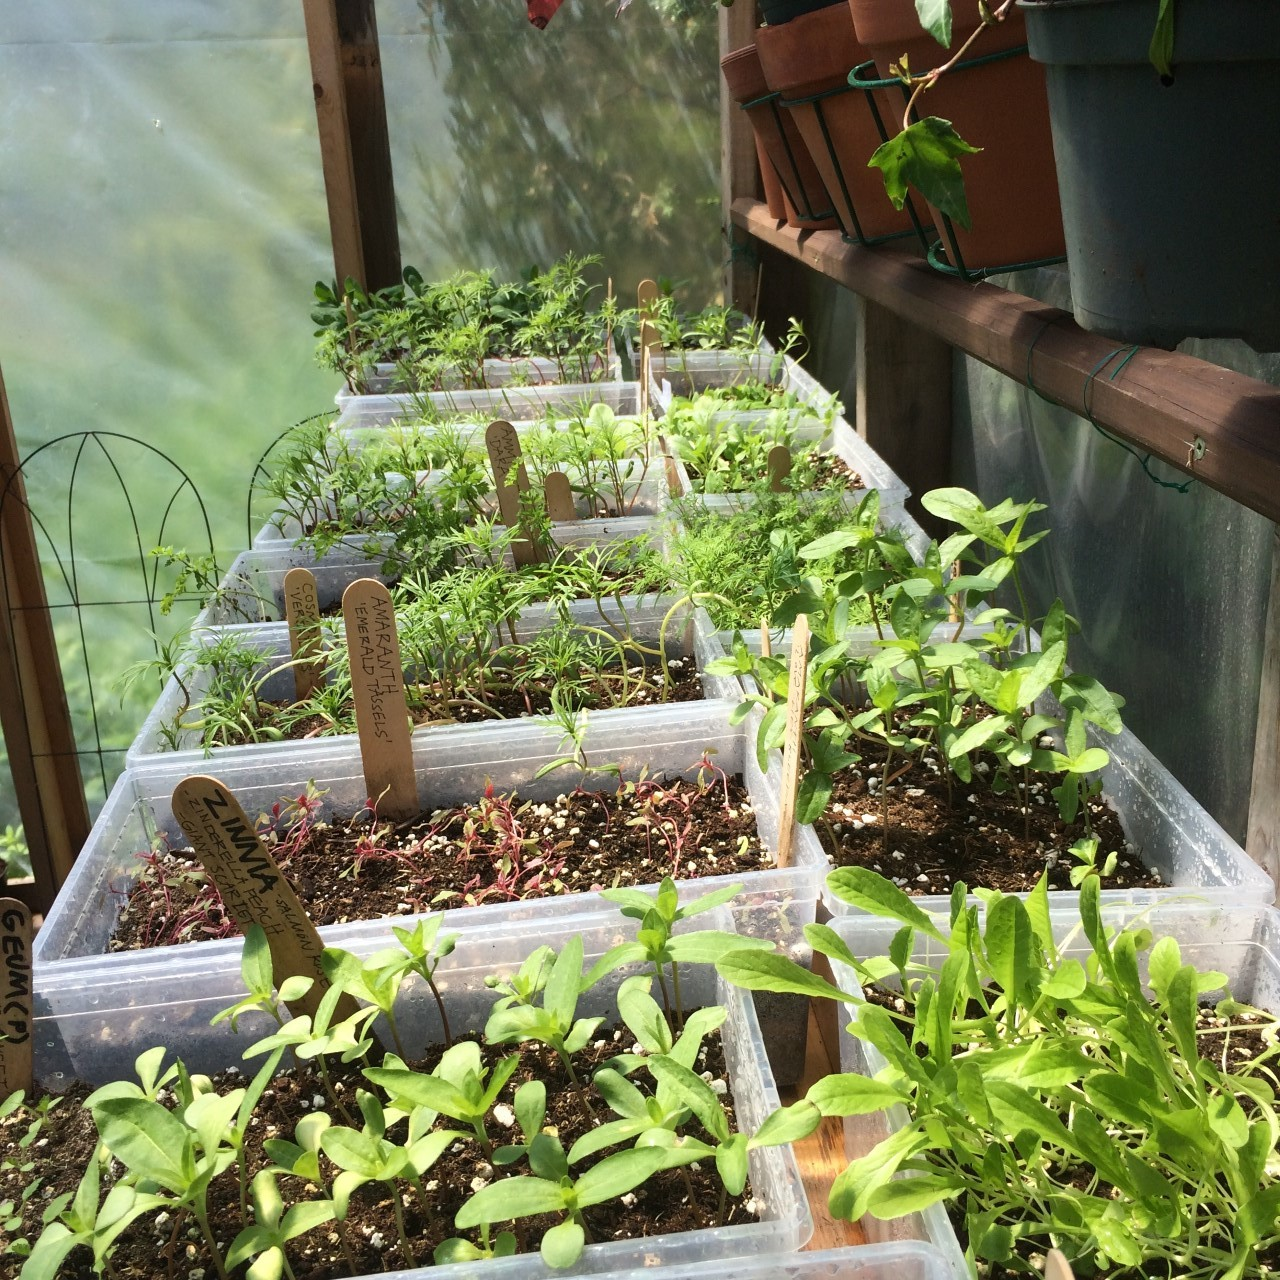 seedlings7.jpg